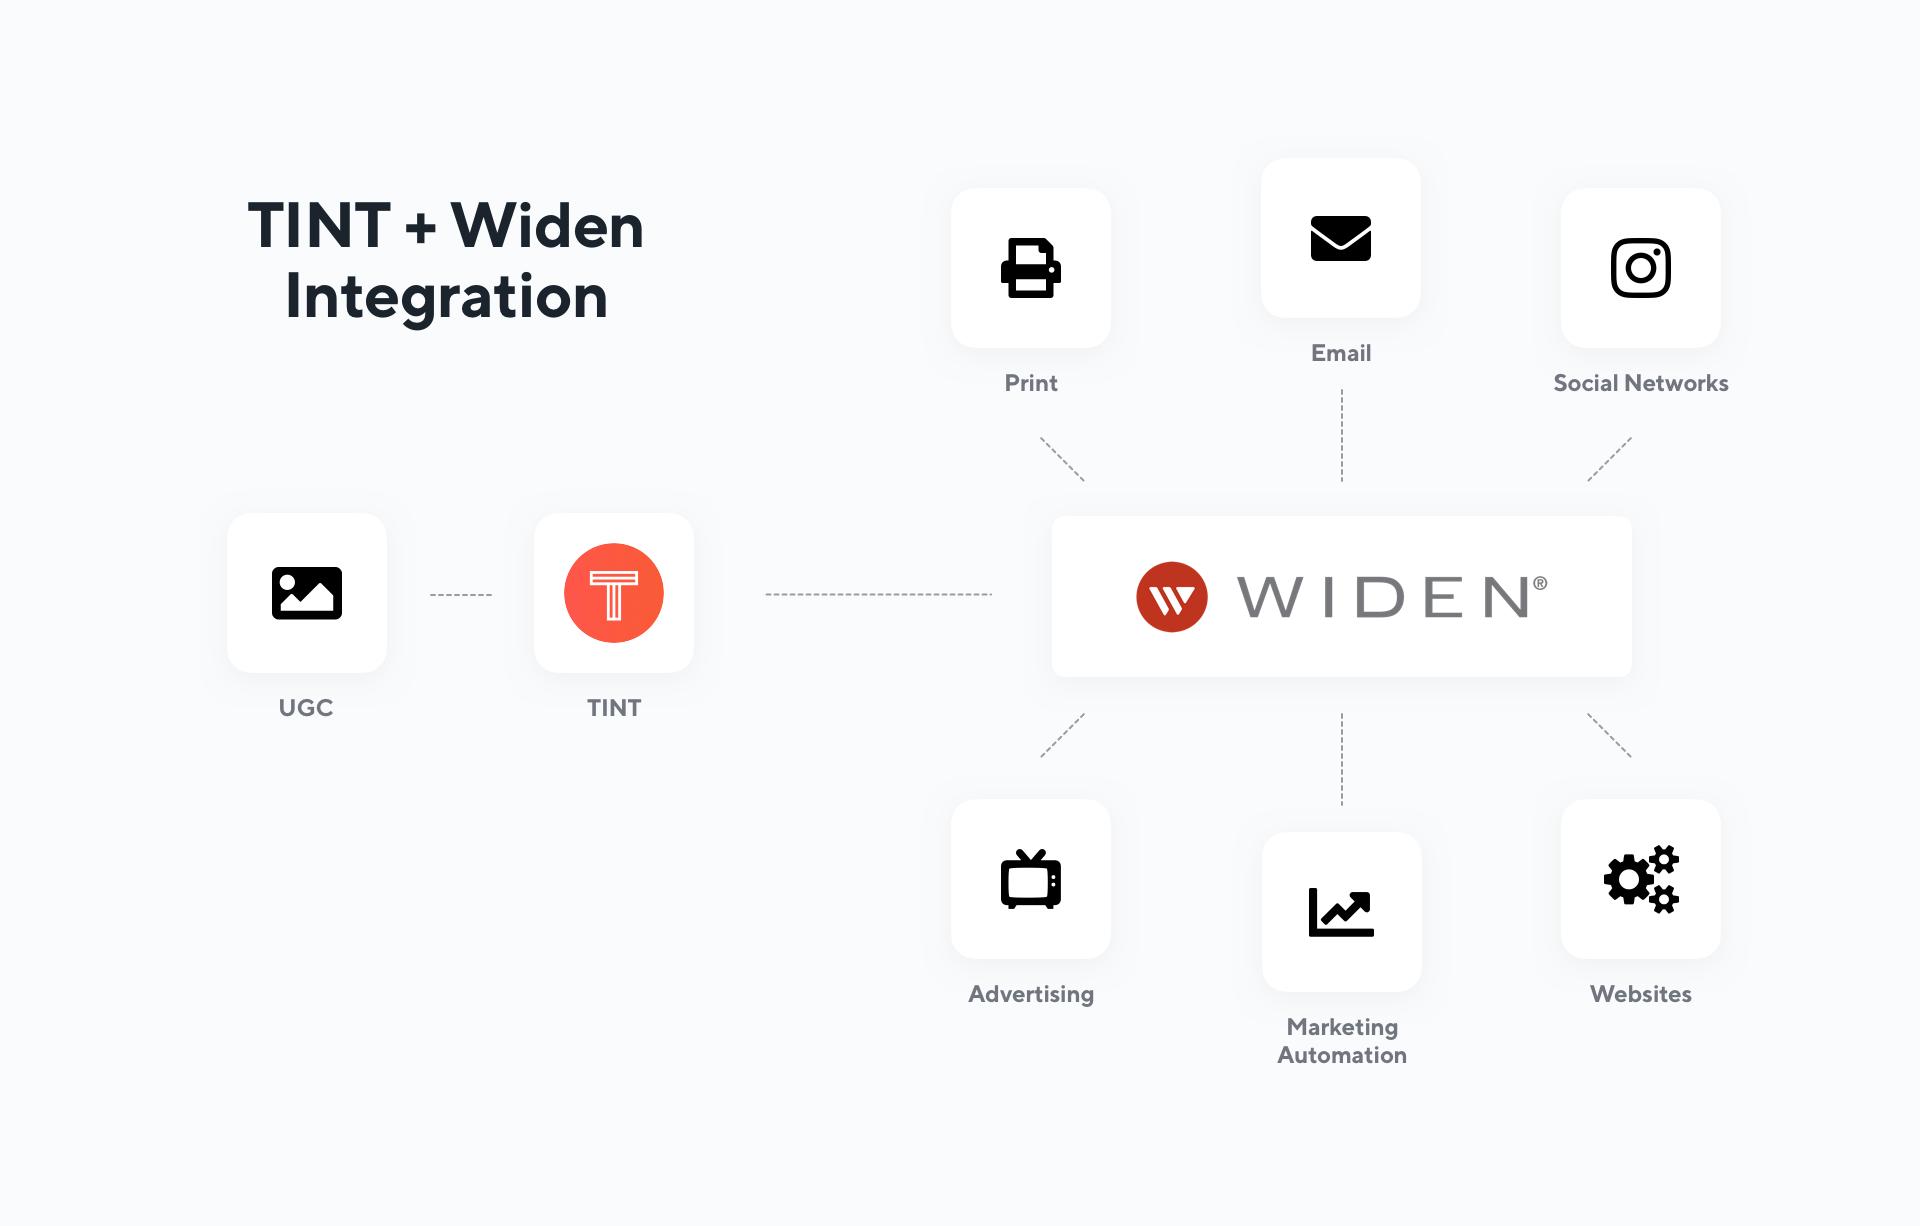 TINT Widen Digital Asset Management